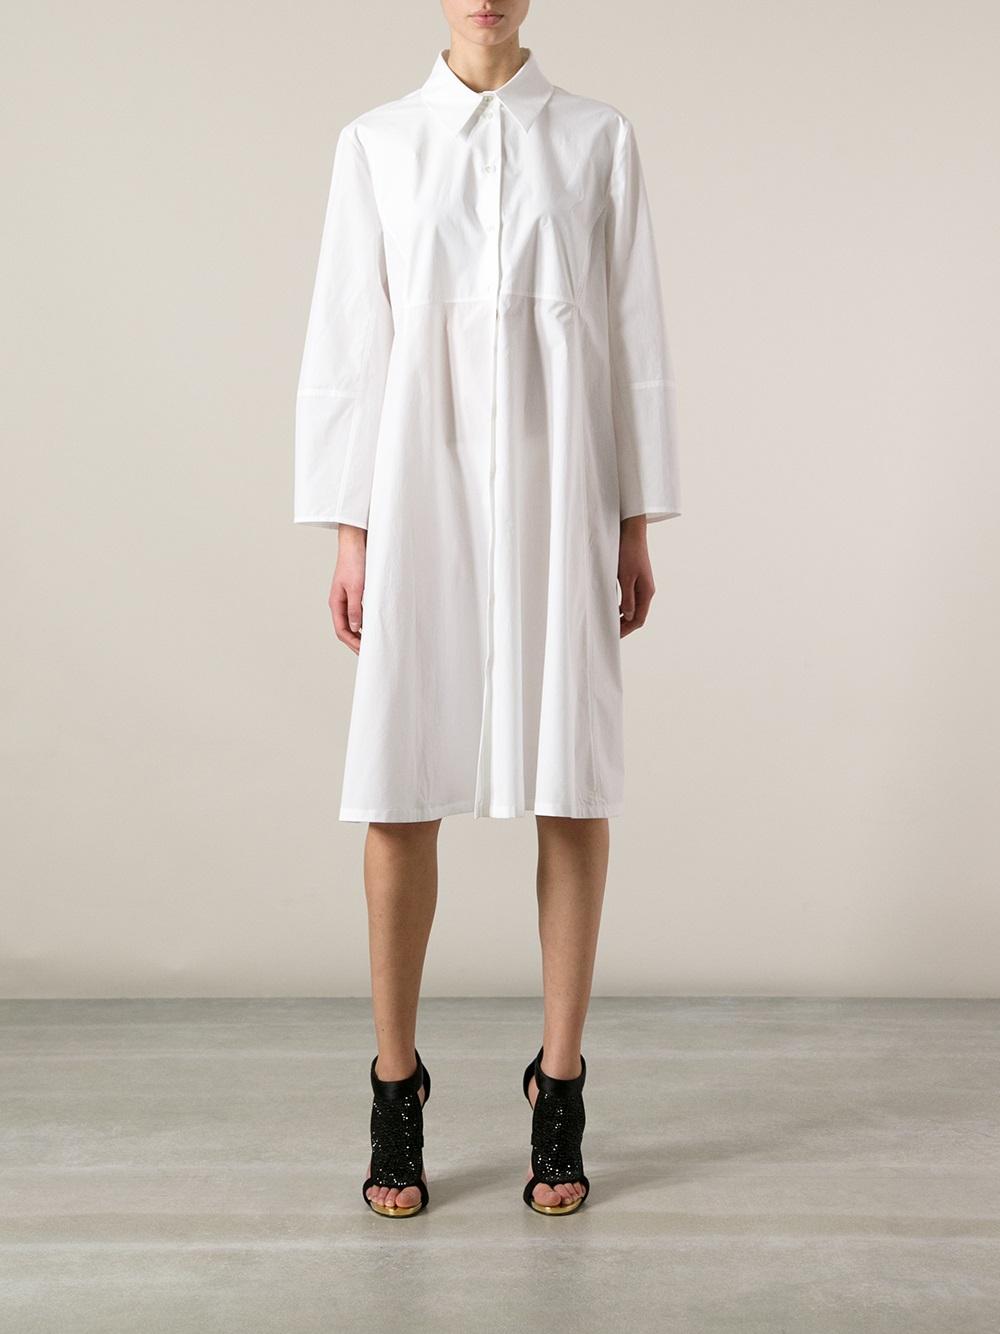 White Long Shirt | Is Shirt